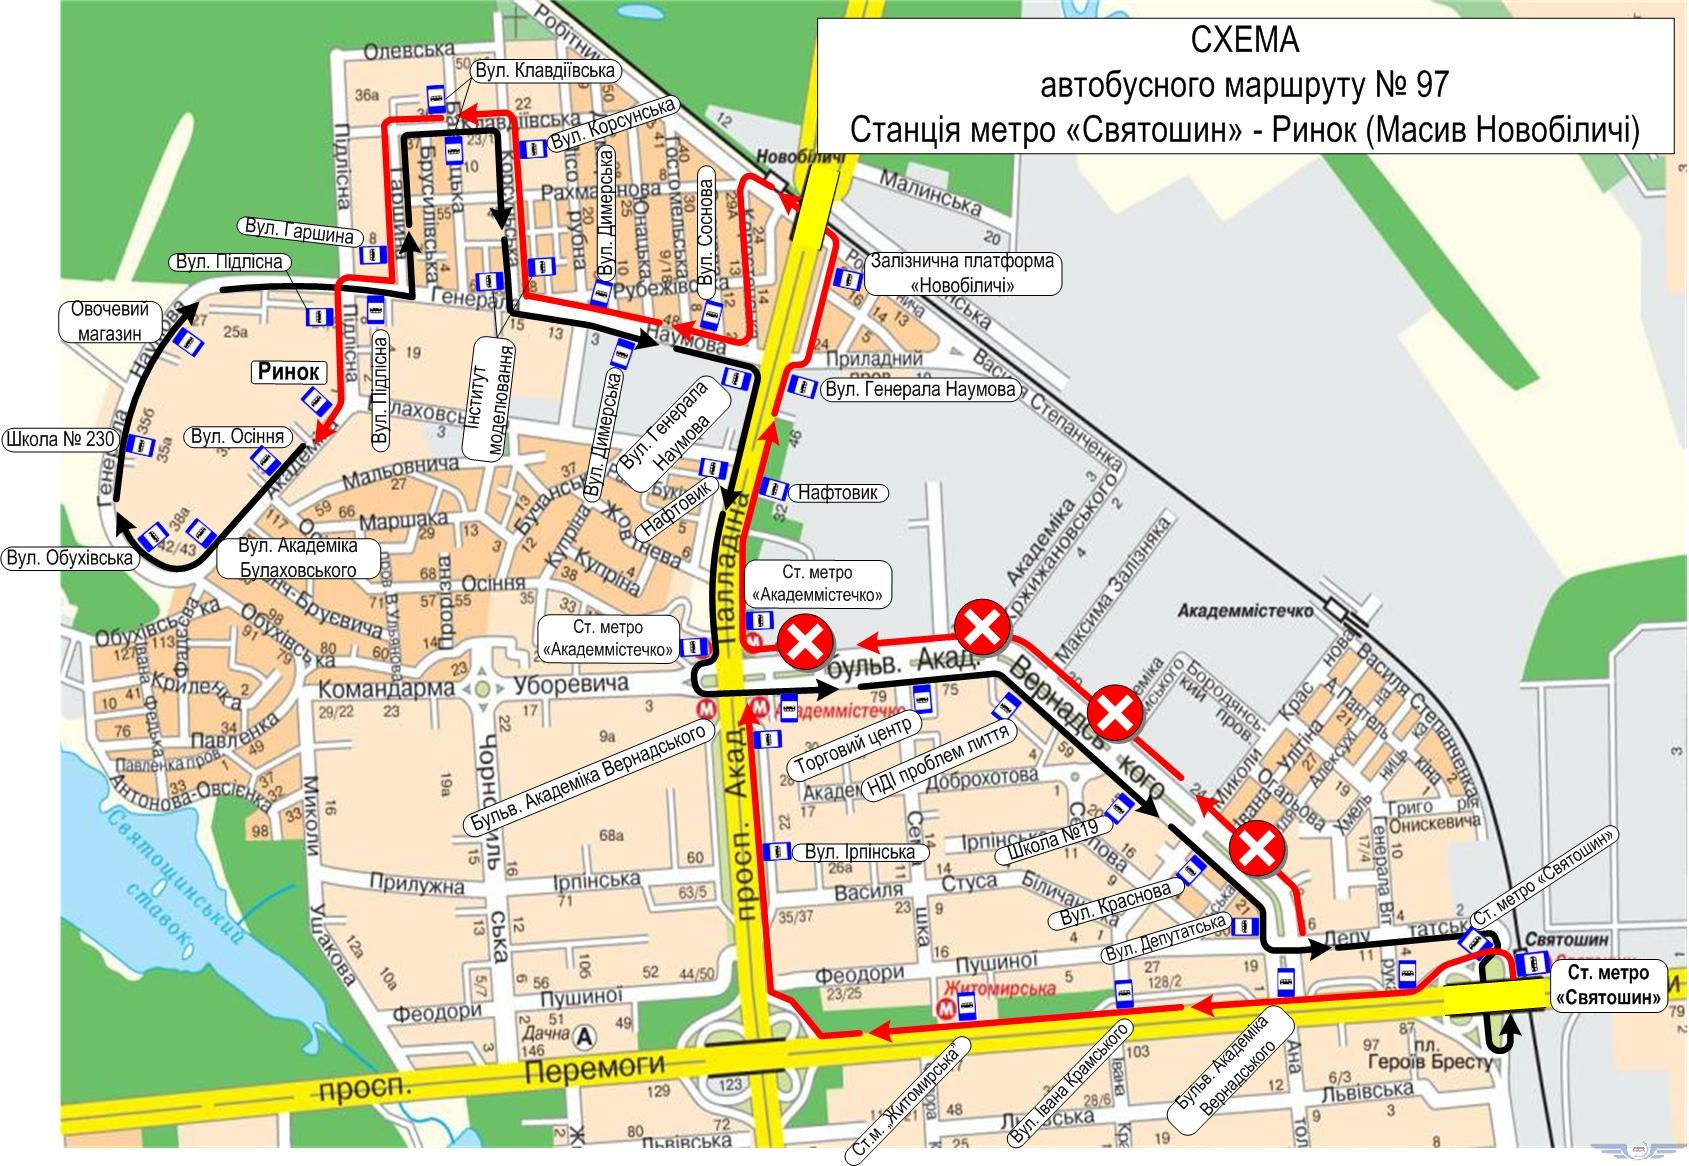 Схема движения автобусов №97 в субботу 28 апреля